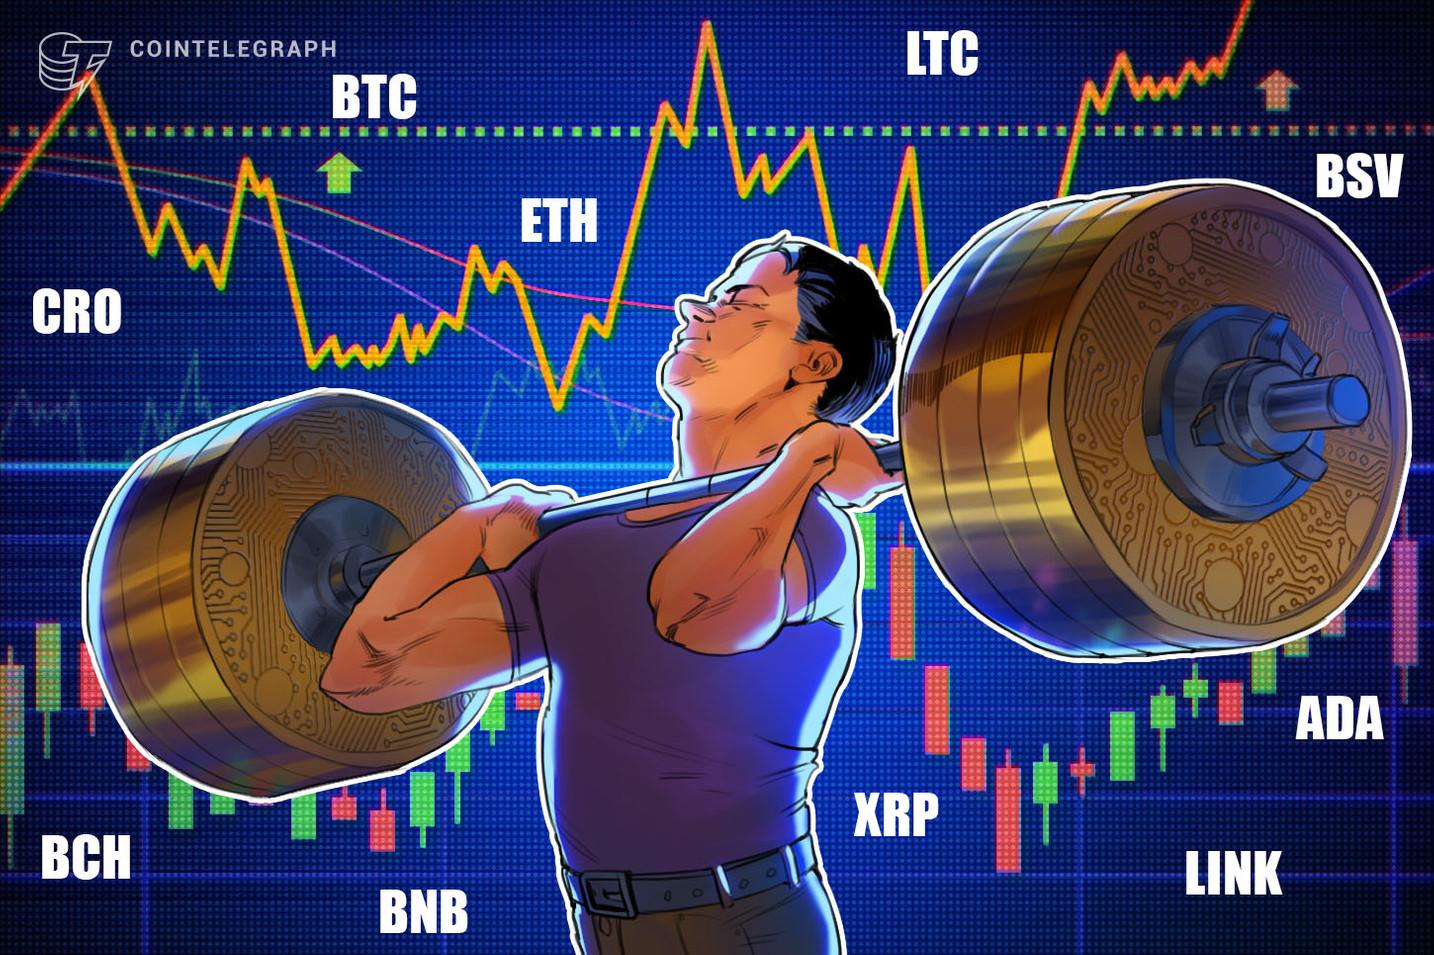 Análisis de precios del 26 de agosto: BTC, ETH, XRP, LINK, BCH, LTC, BSV, CRO, BNB, ADA